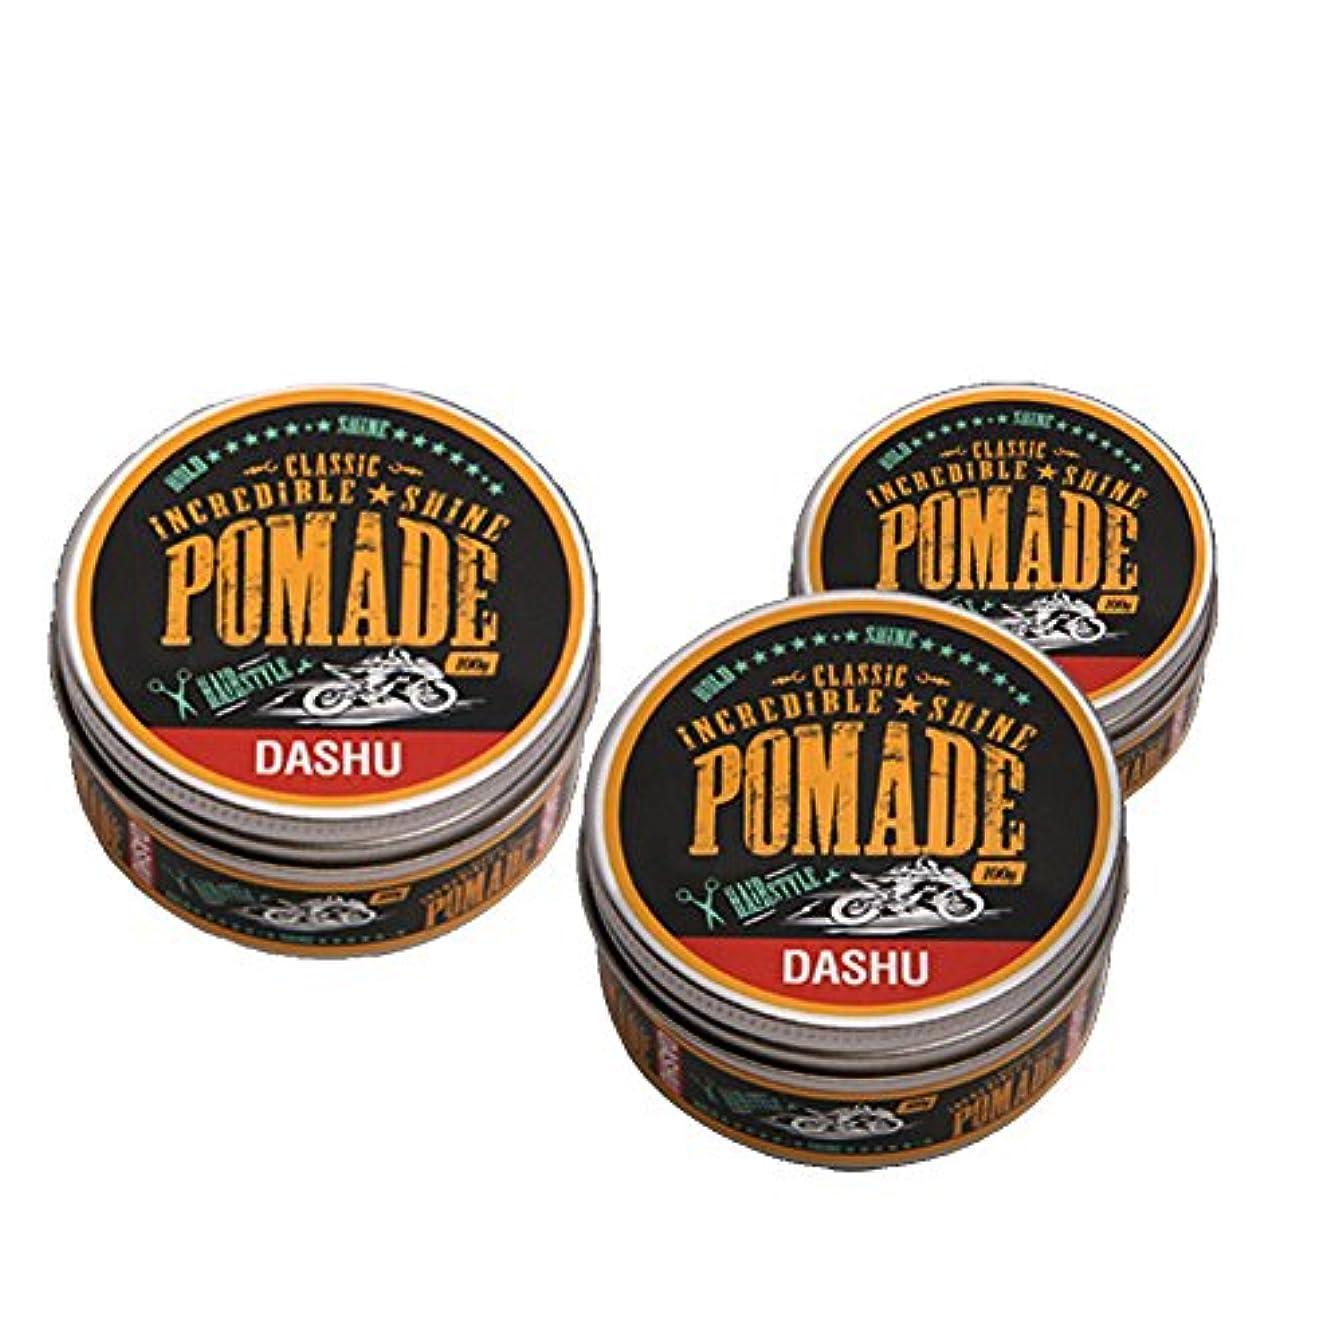 前兆語不潔(3個セット) x [DASHU] ダシュ クラシック 信じられないほどの輝き ポマードワックス Classic Incredible Shine Pomade Hair Wax 100ml / 韓国製 . 韓国直送品